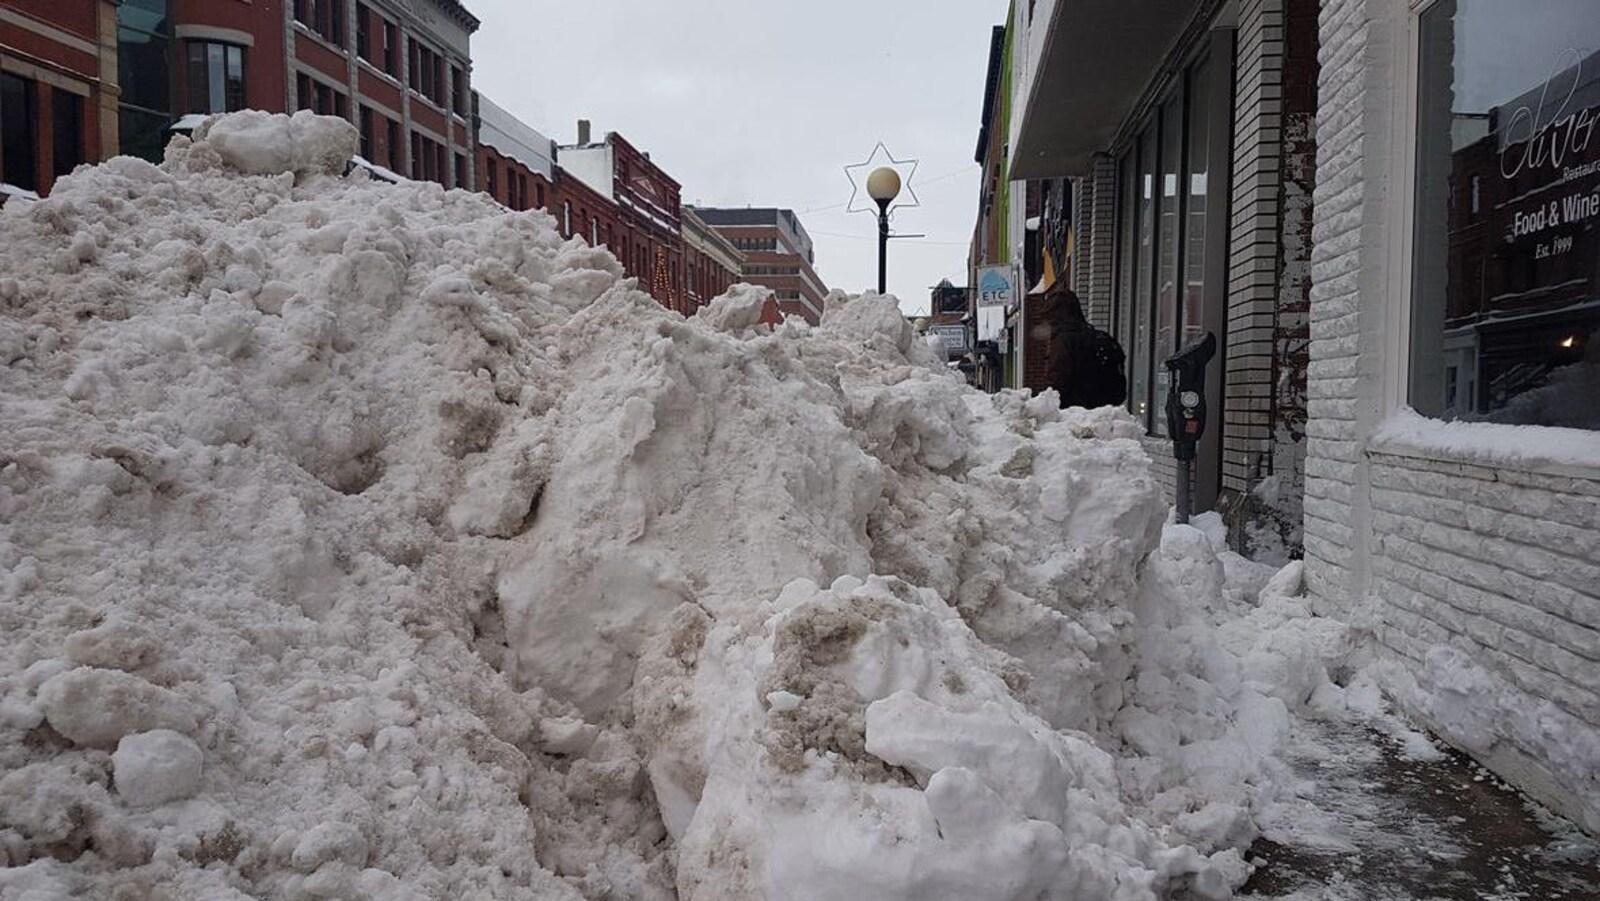 Un énorme monticule de neige bloque le trottoir devant le restaurant